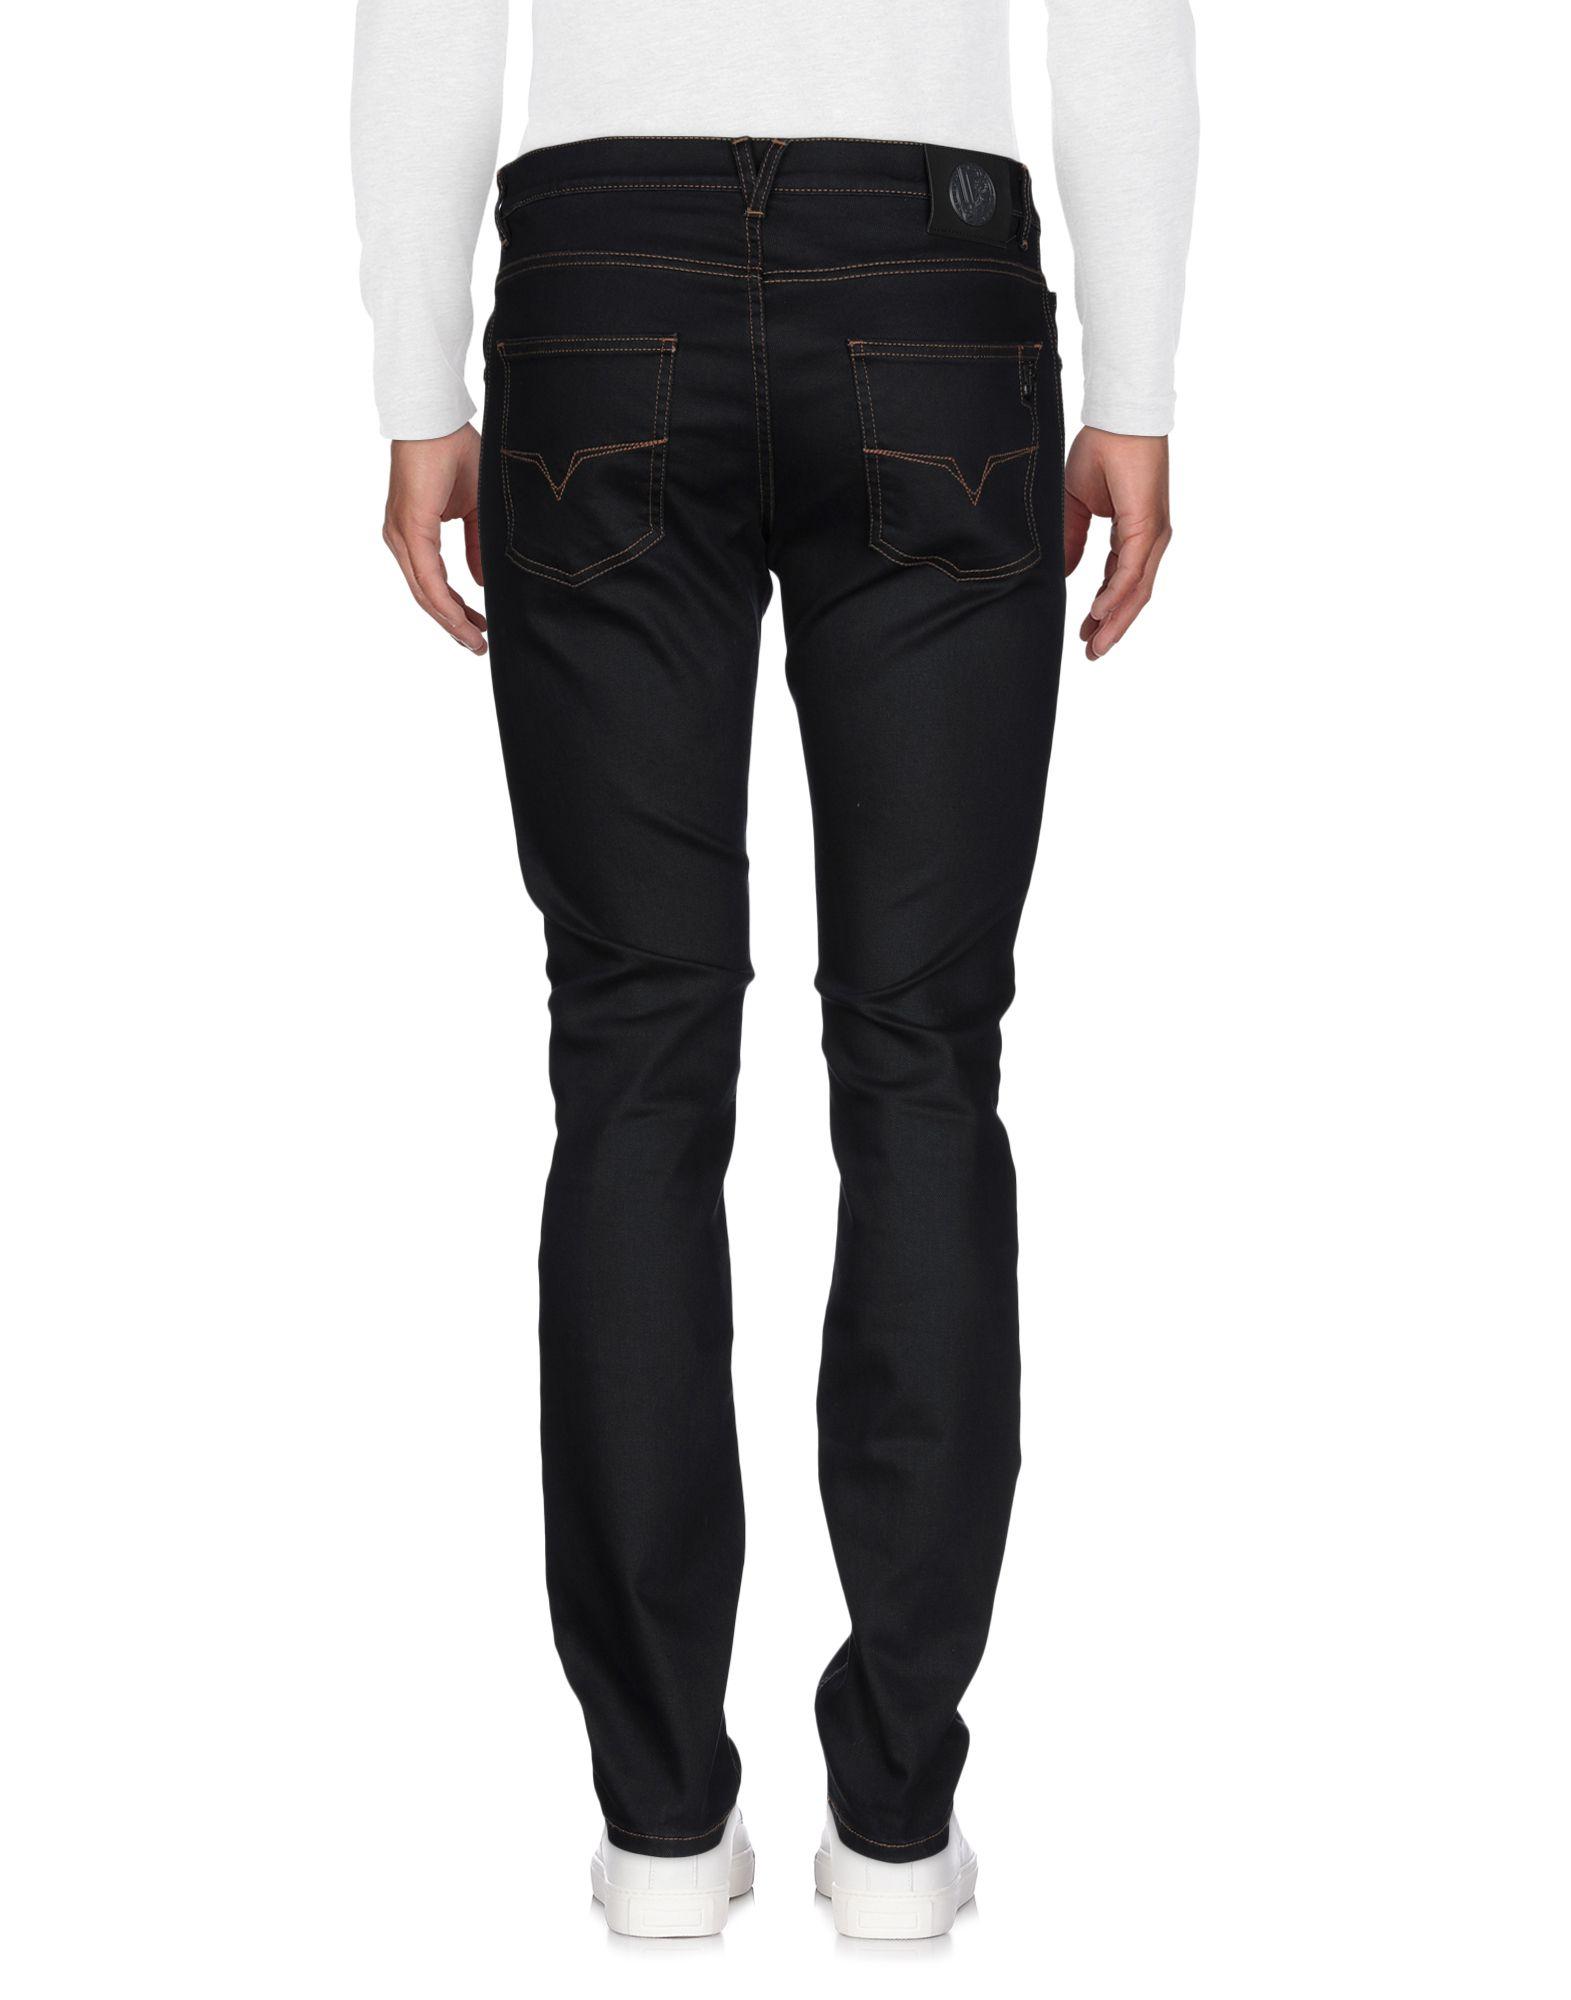 Pantaloni Jeans Versace Uomo Jeans Uomo Versace - 42684786QH b9ee65